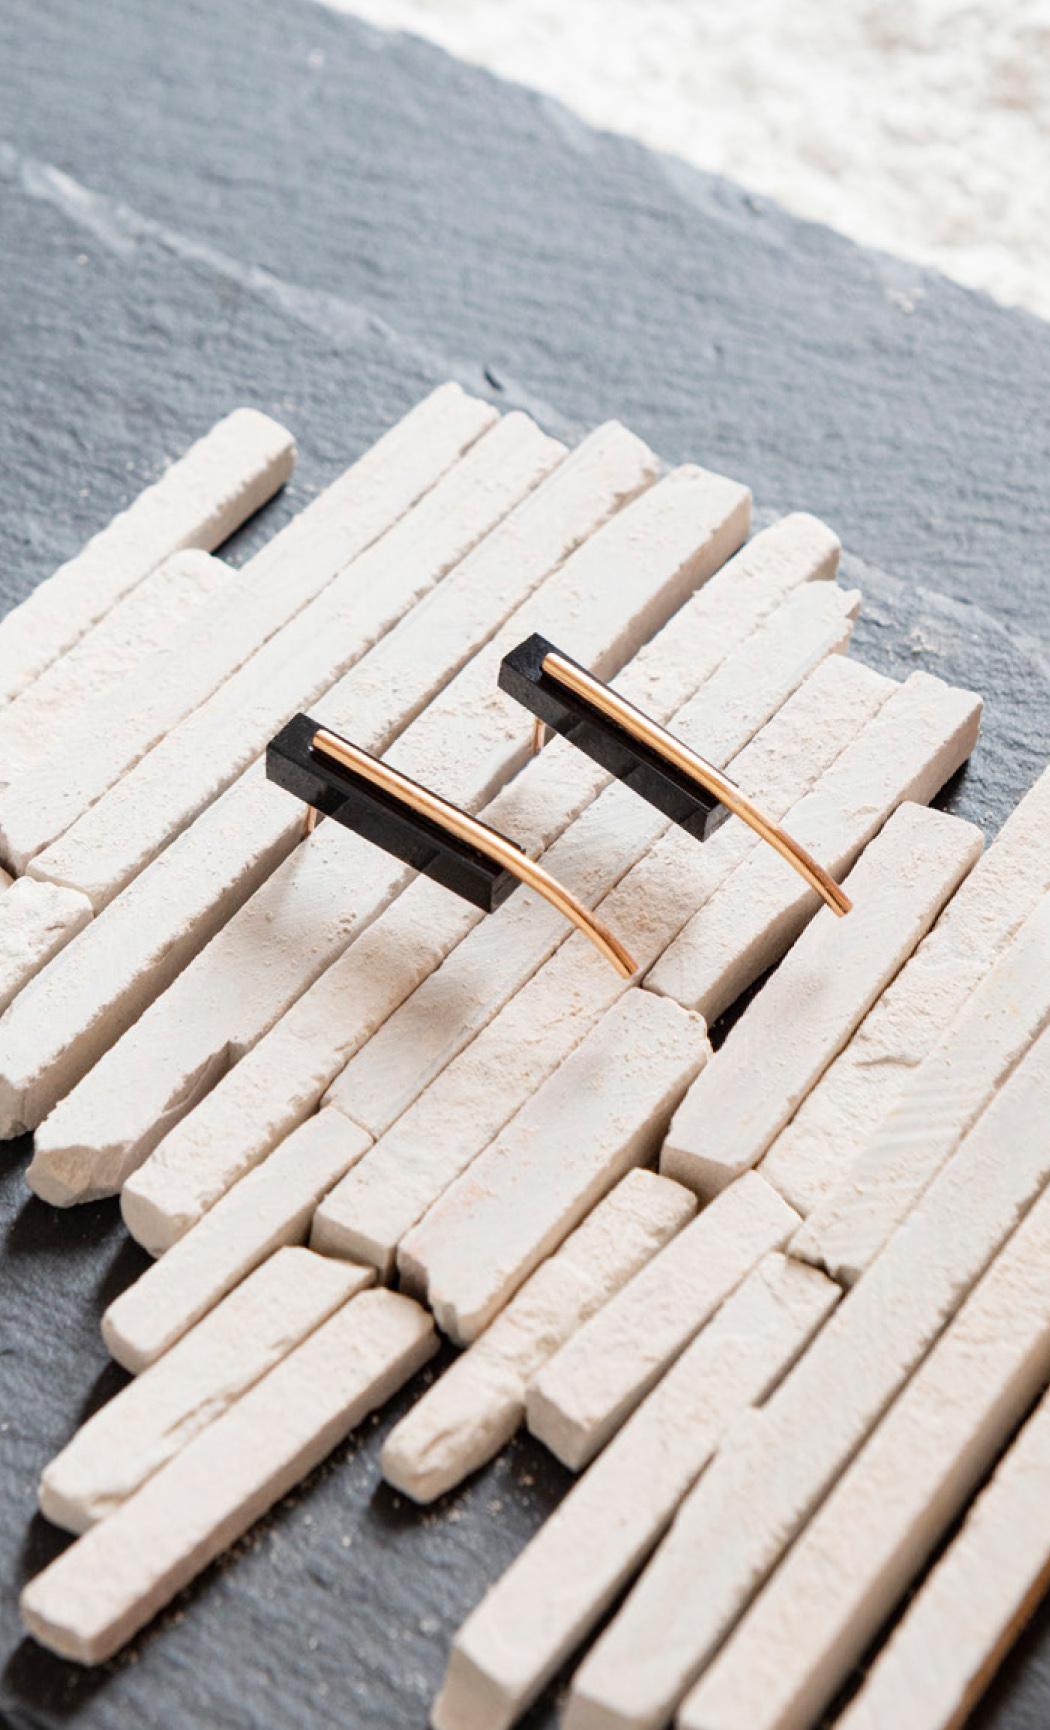 Black Onyx Brick Bali Earrings - Buy Now.